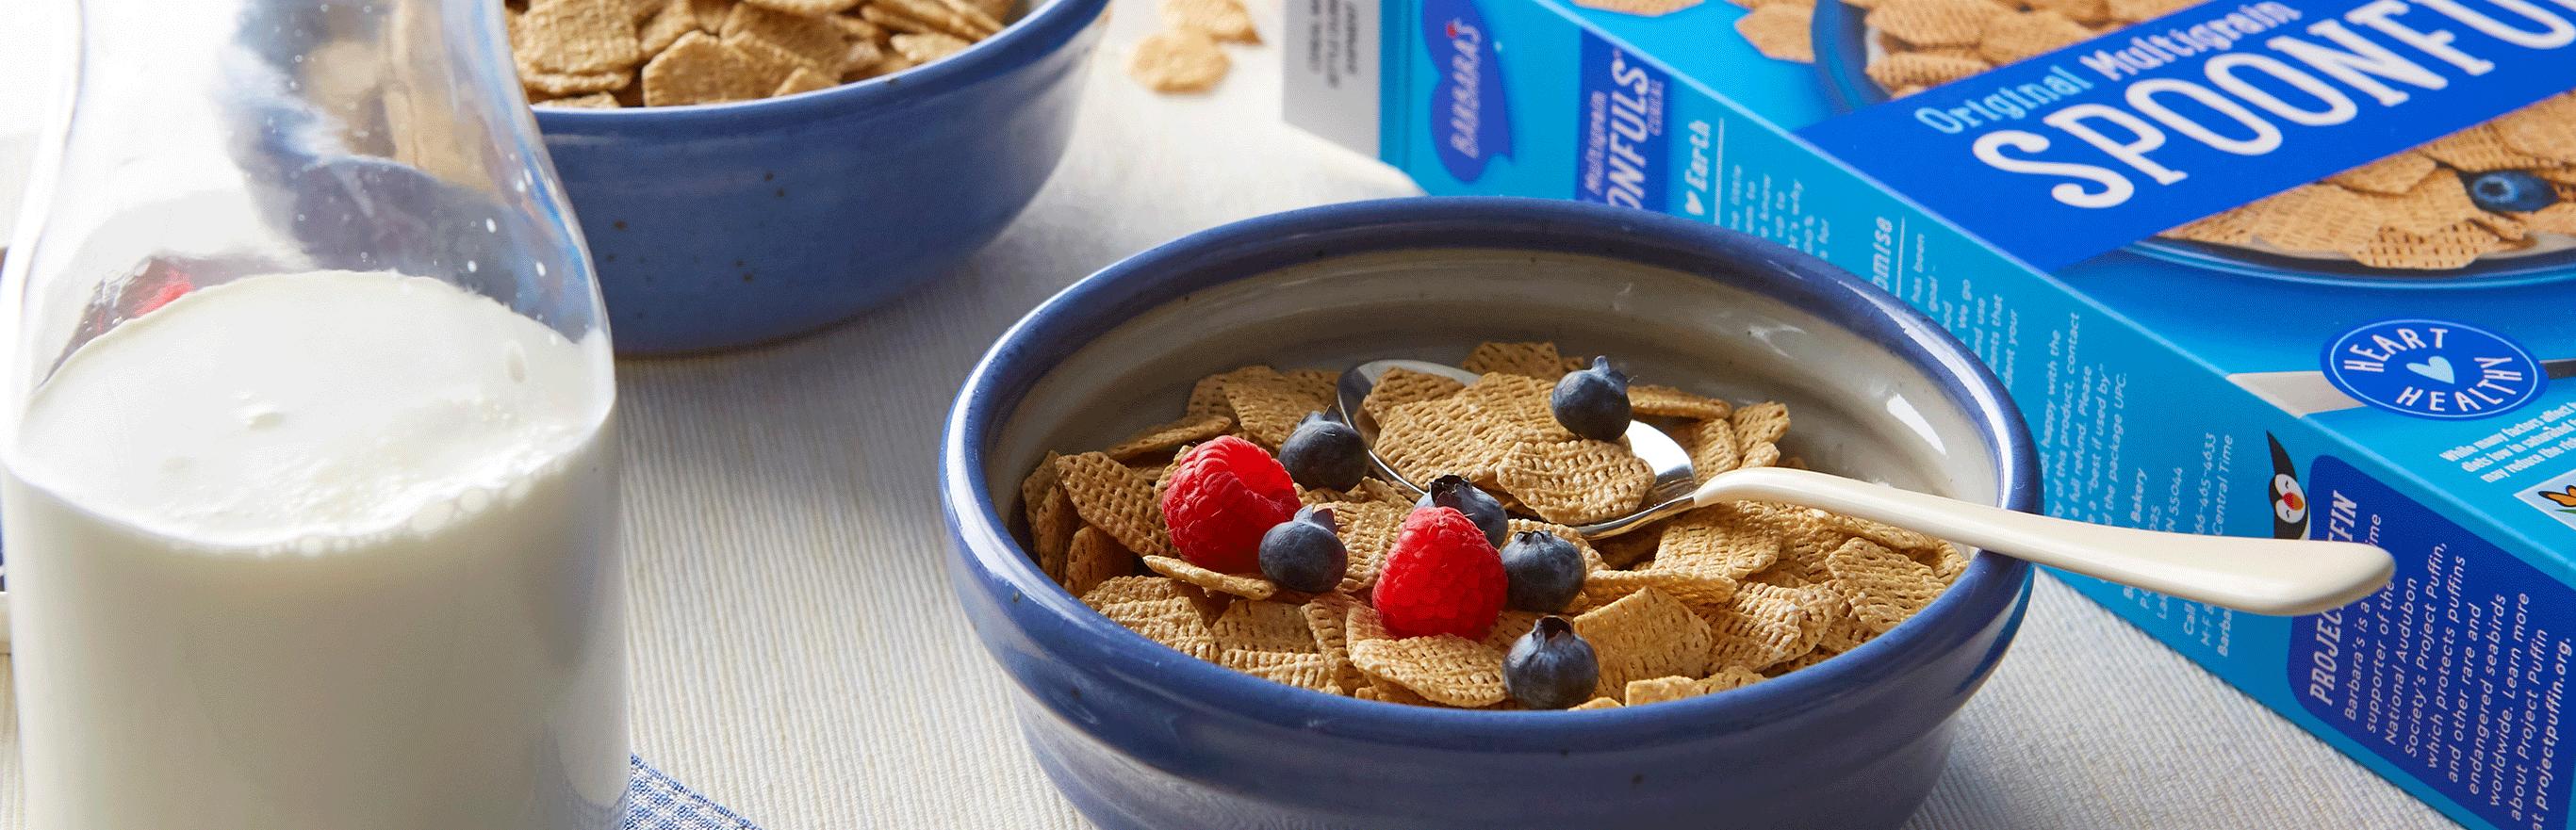 Barbara's Original Multigrain Spoonfuls cereal in bowl